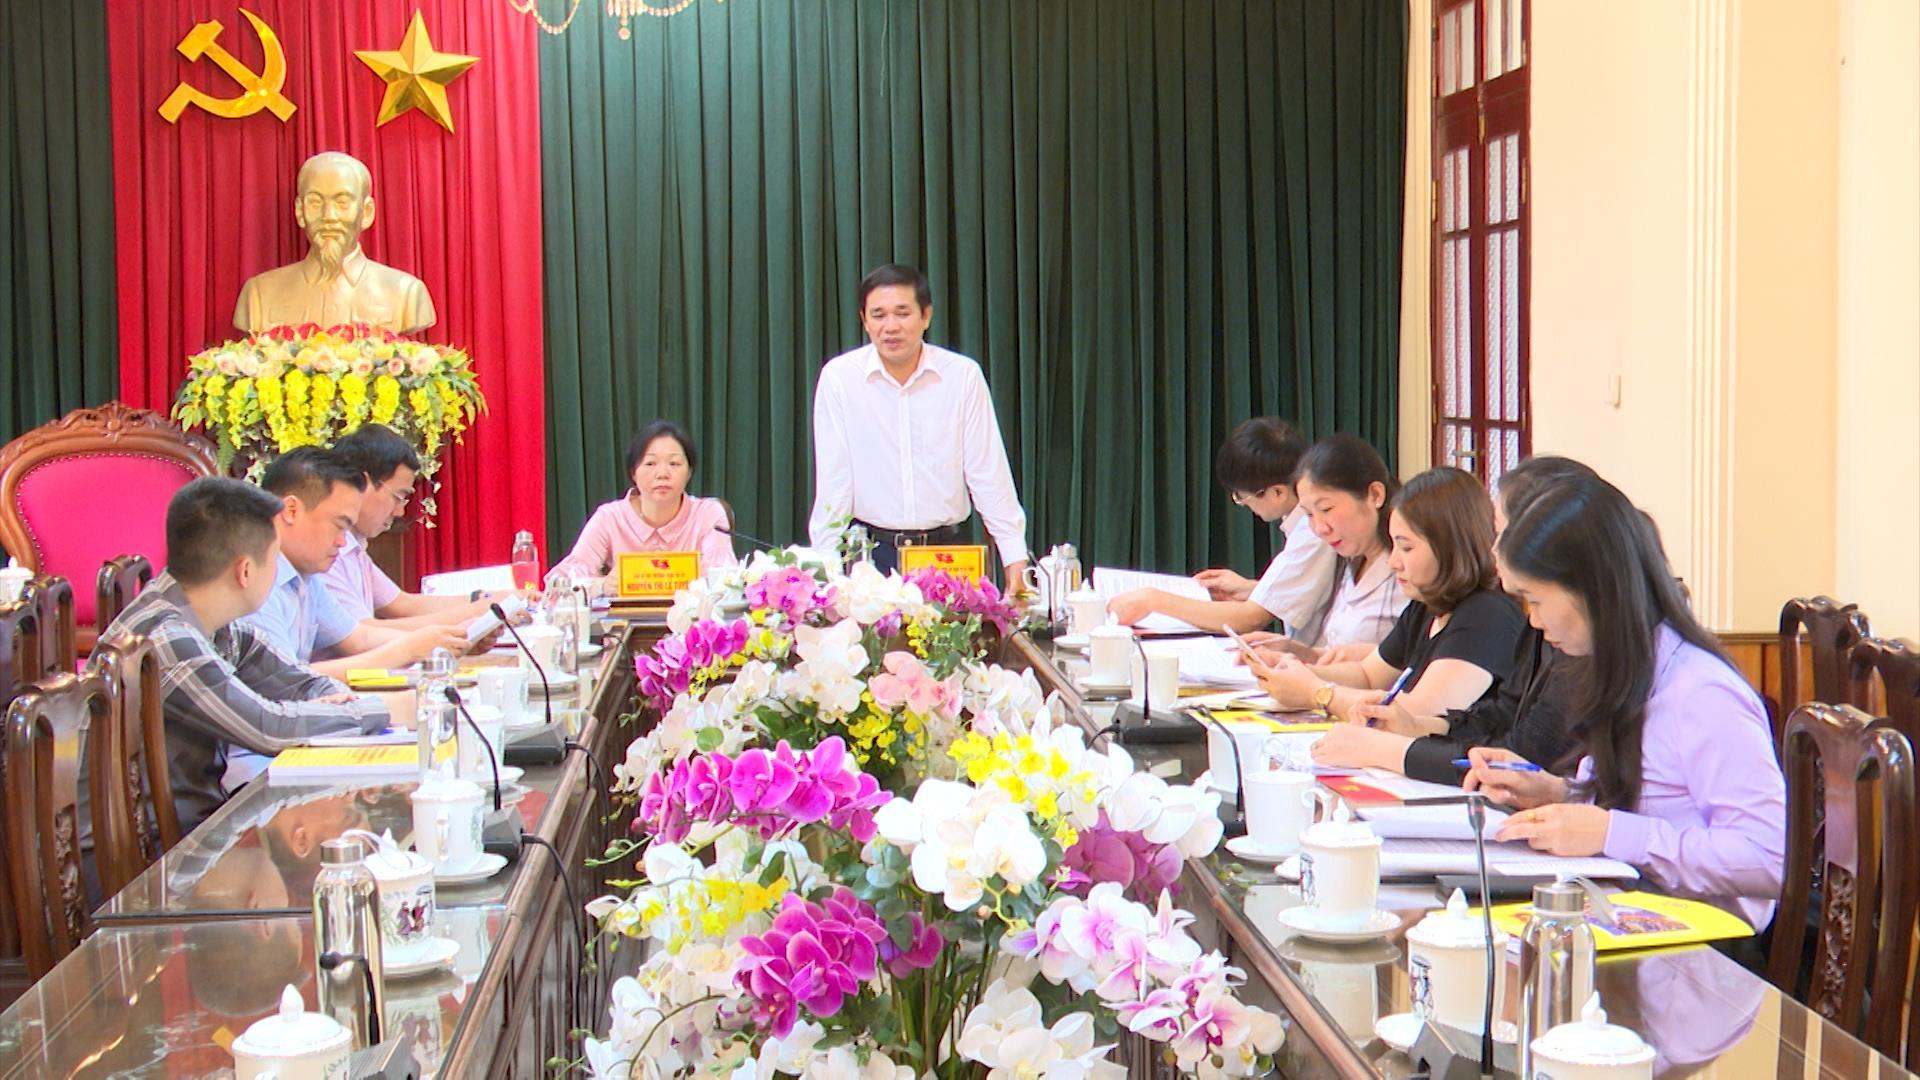 Ủy ban MTTQ tỉnh kiểm tra, giám sát công tác bầu cử tại Từ Sơn